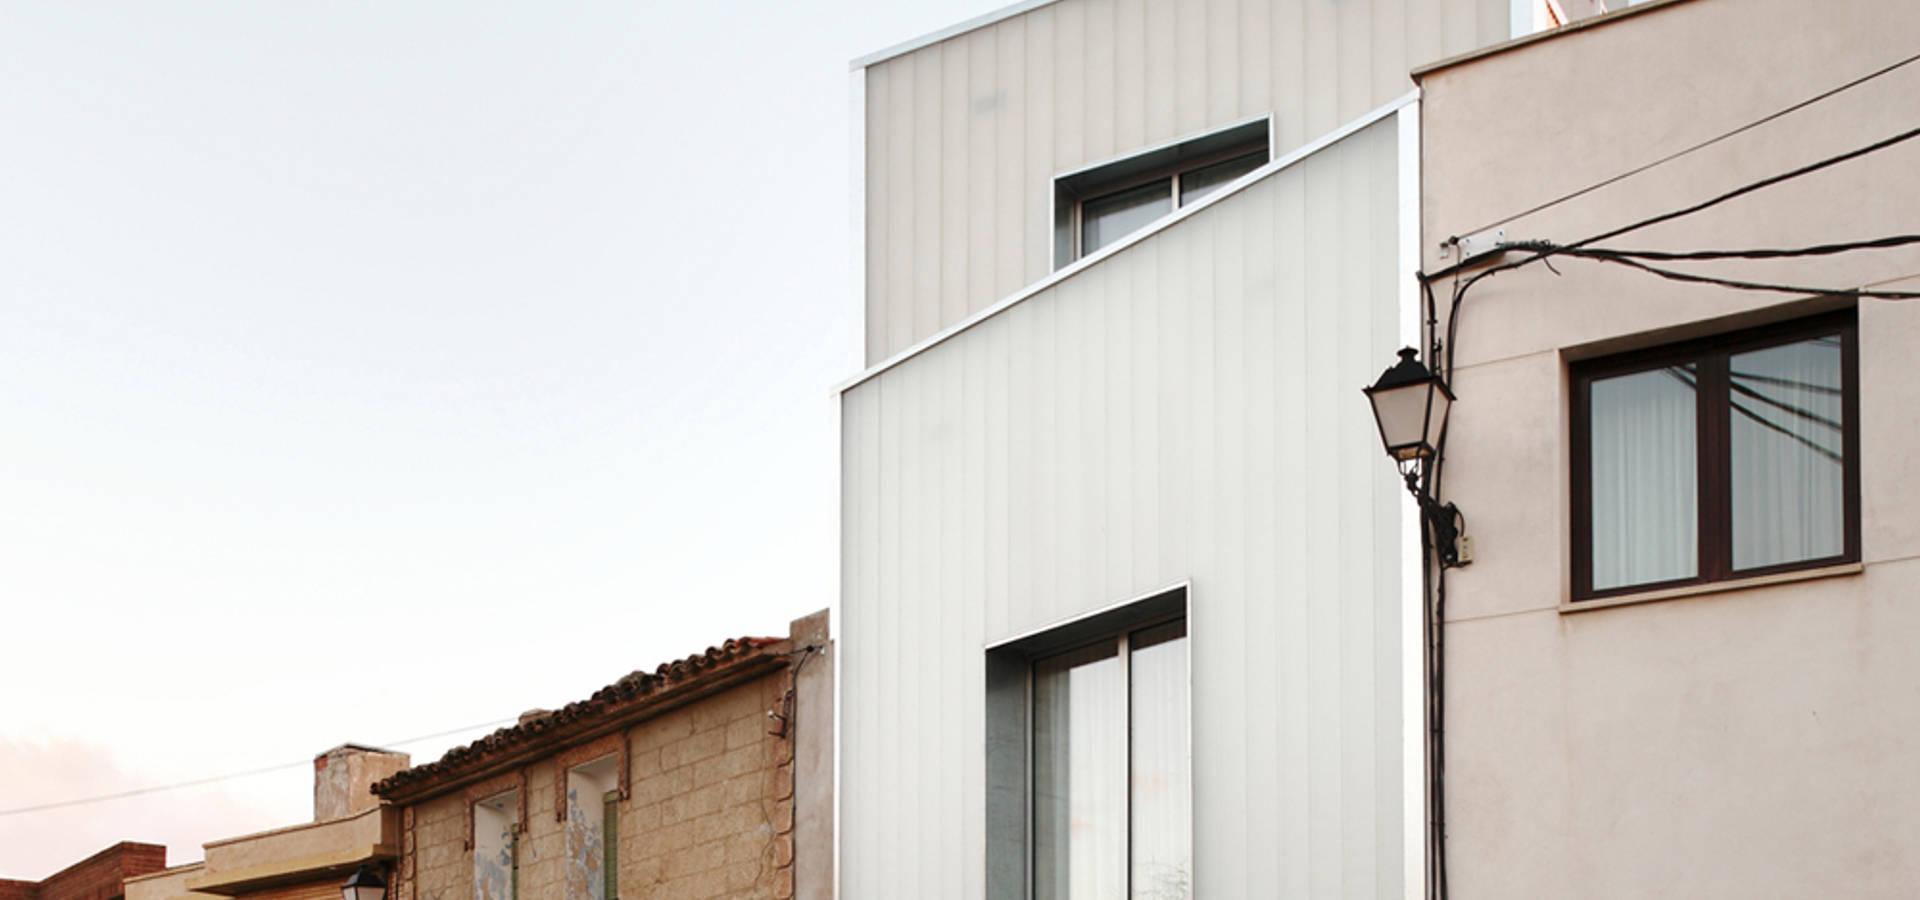 Rue arquitectos en pamplona homify - Arquitectos en pamplona ...